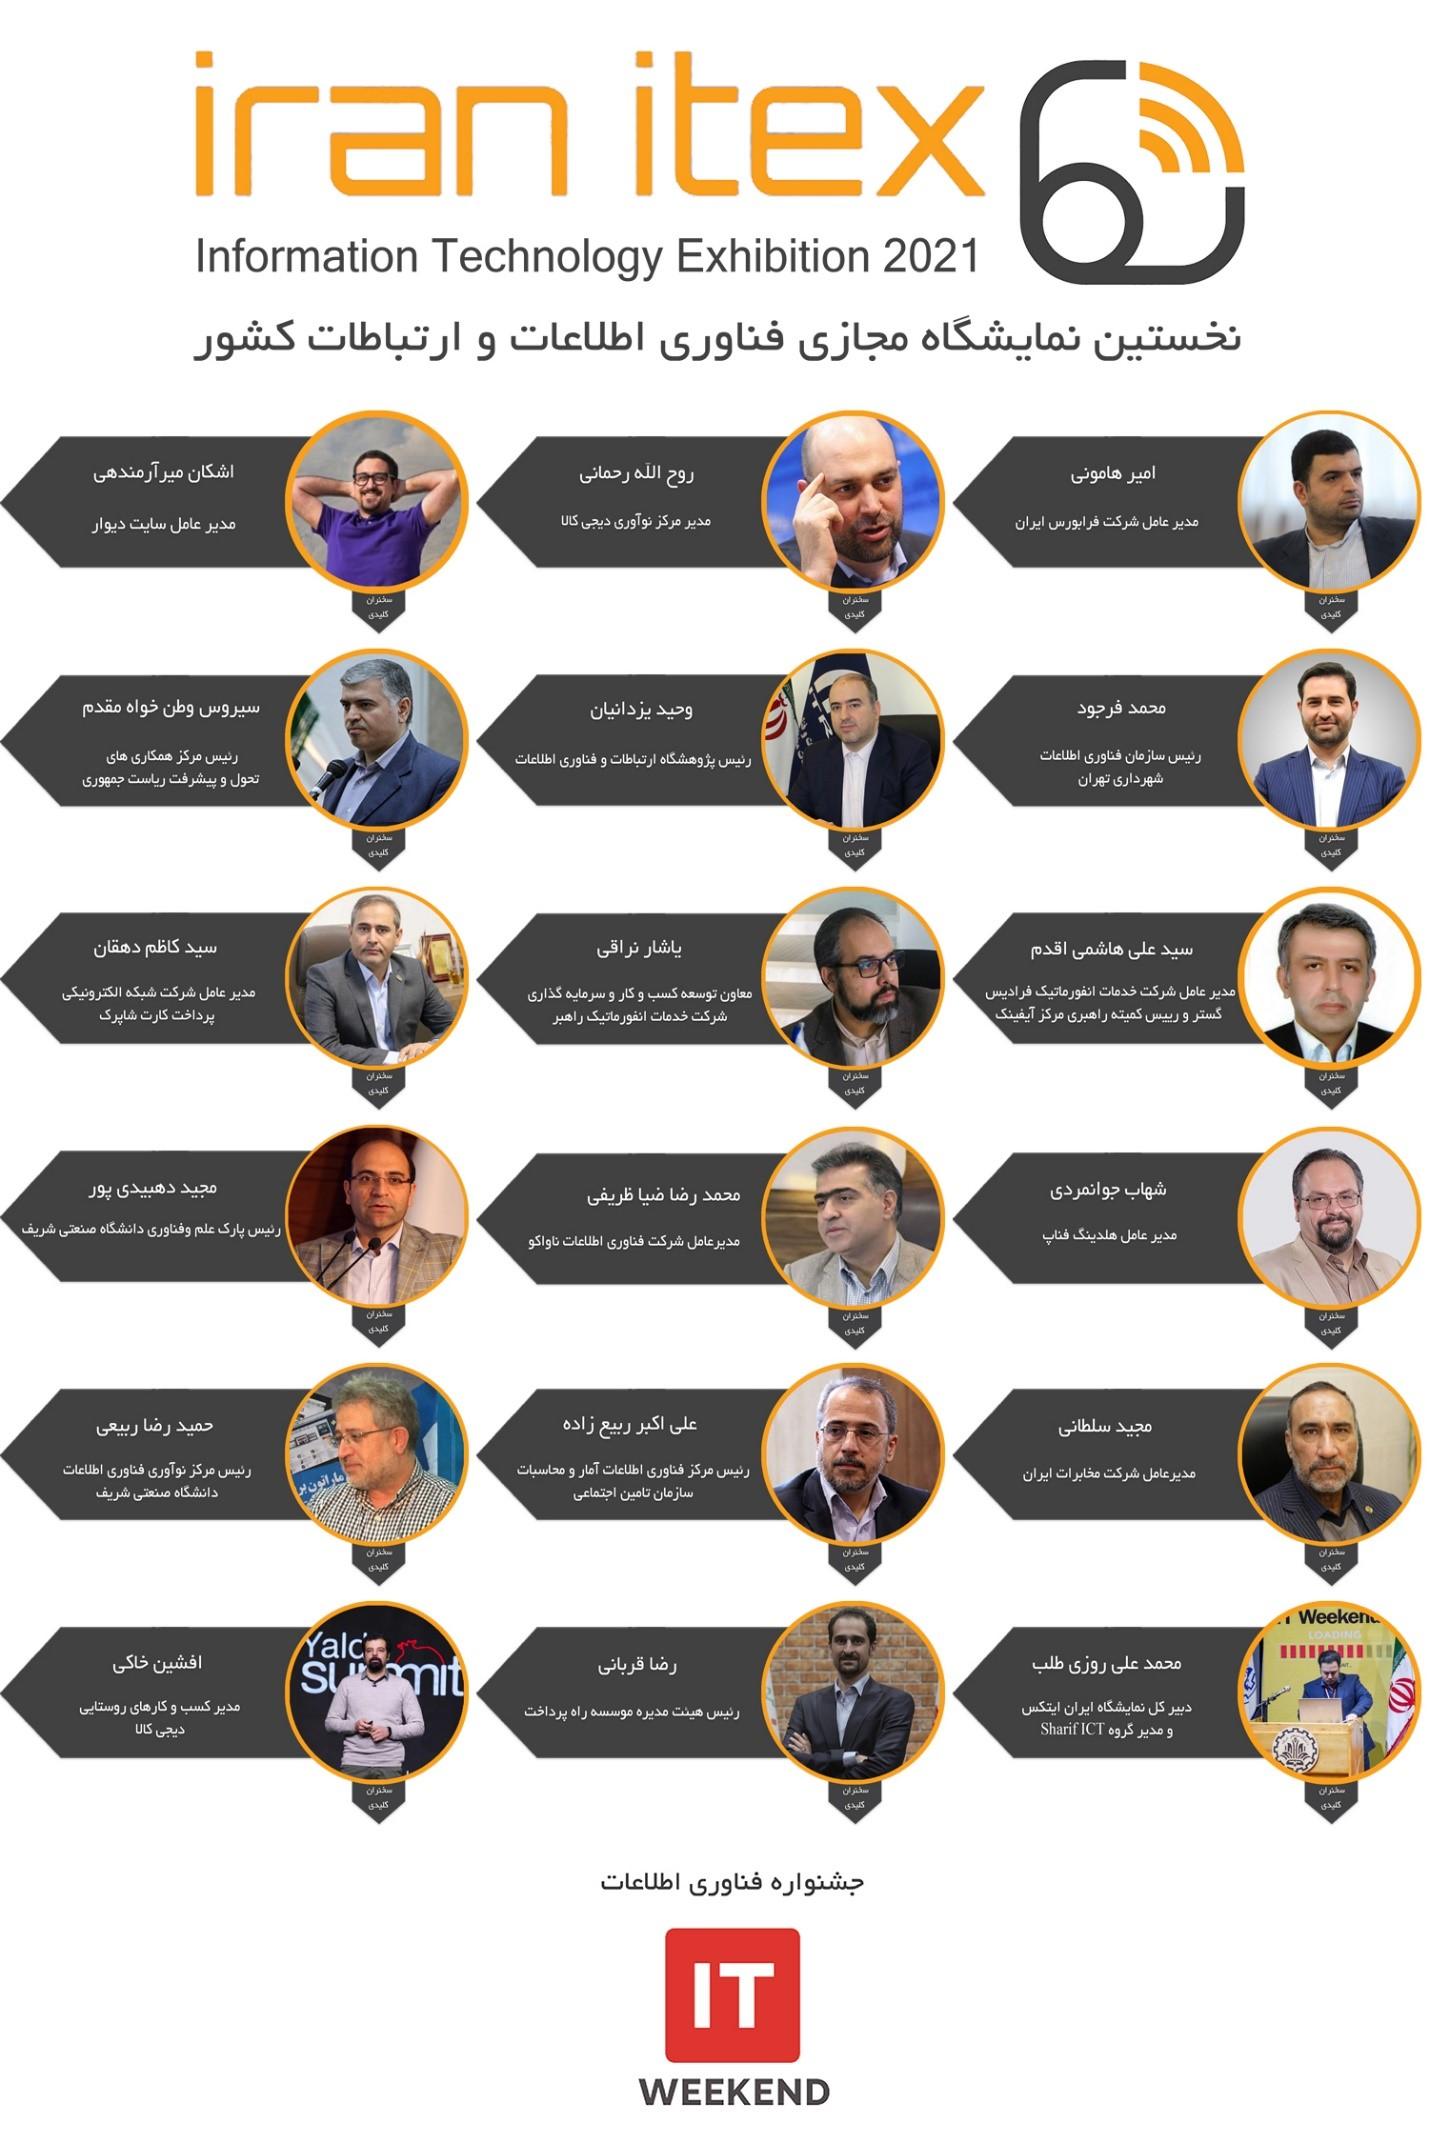 هشتمین جشنواره فناوری اطلاعات ایران به صورت مجازی برگزار